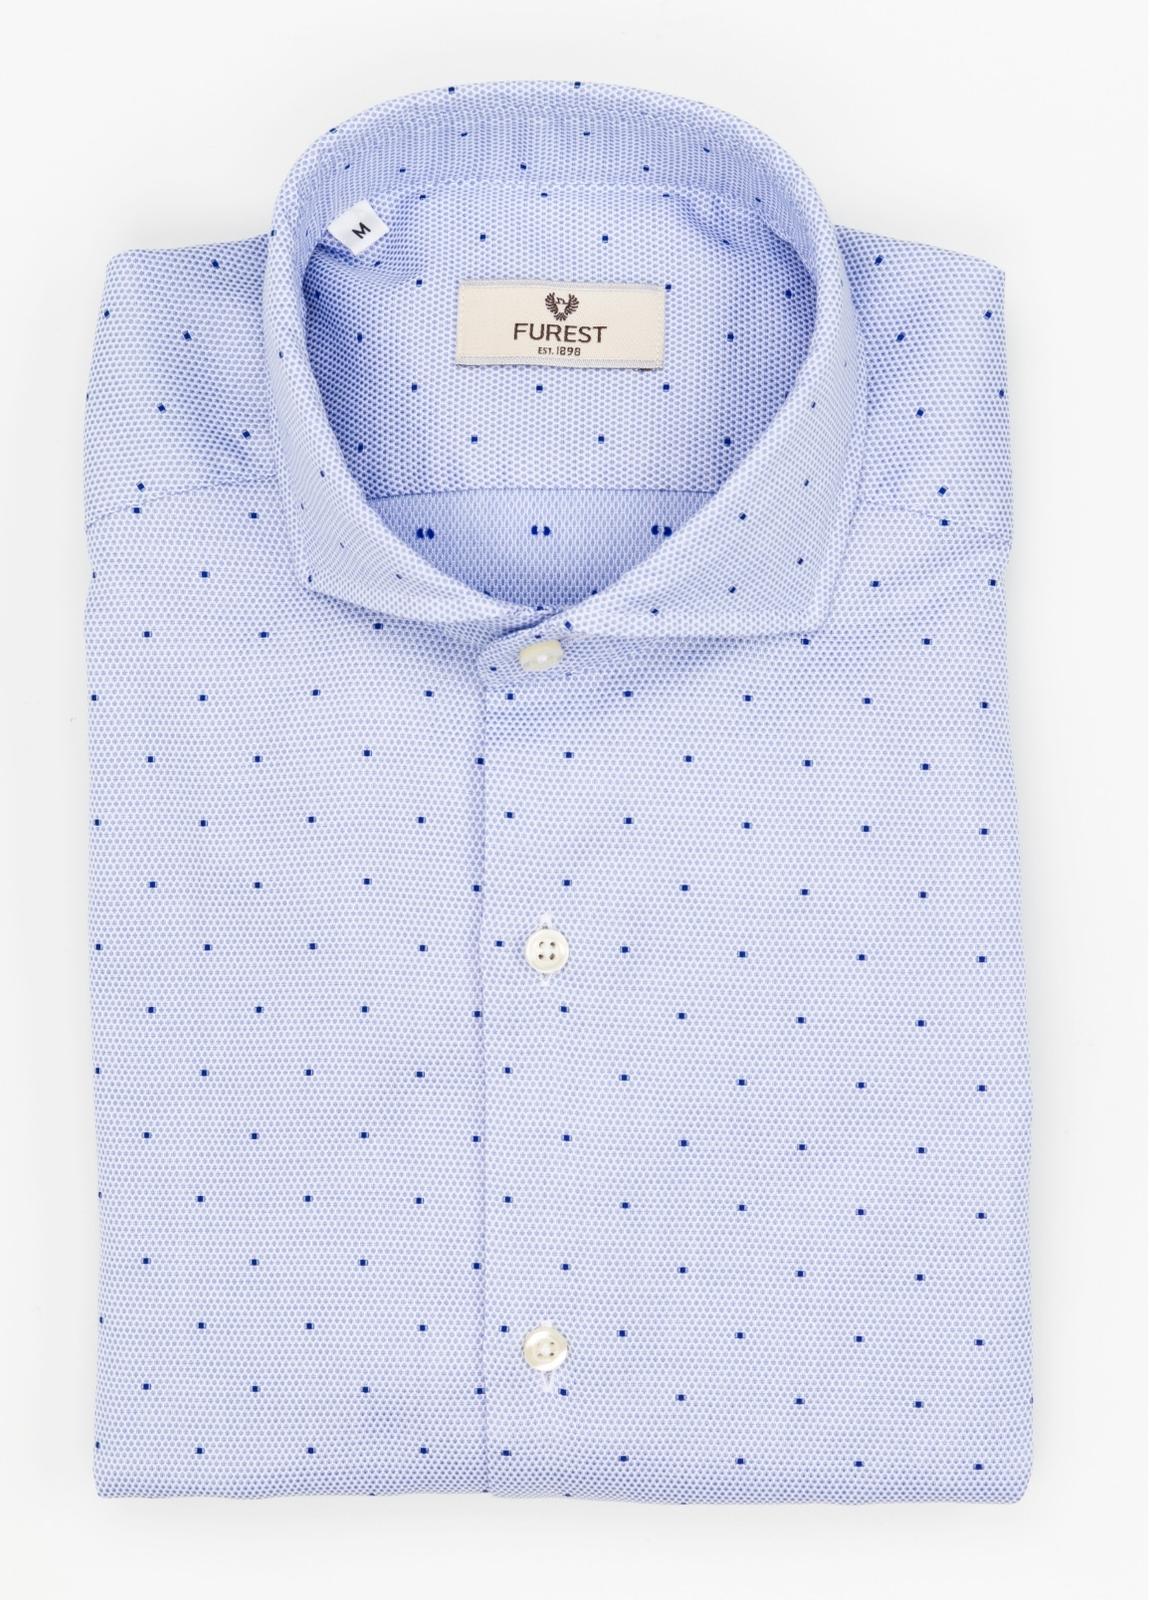 Camisa Leisure Wear SLIM FIT Modelo CAPRI color celeste con microdibujo. 100% Algodón.